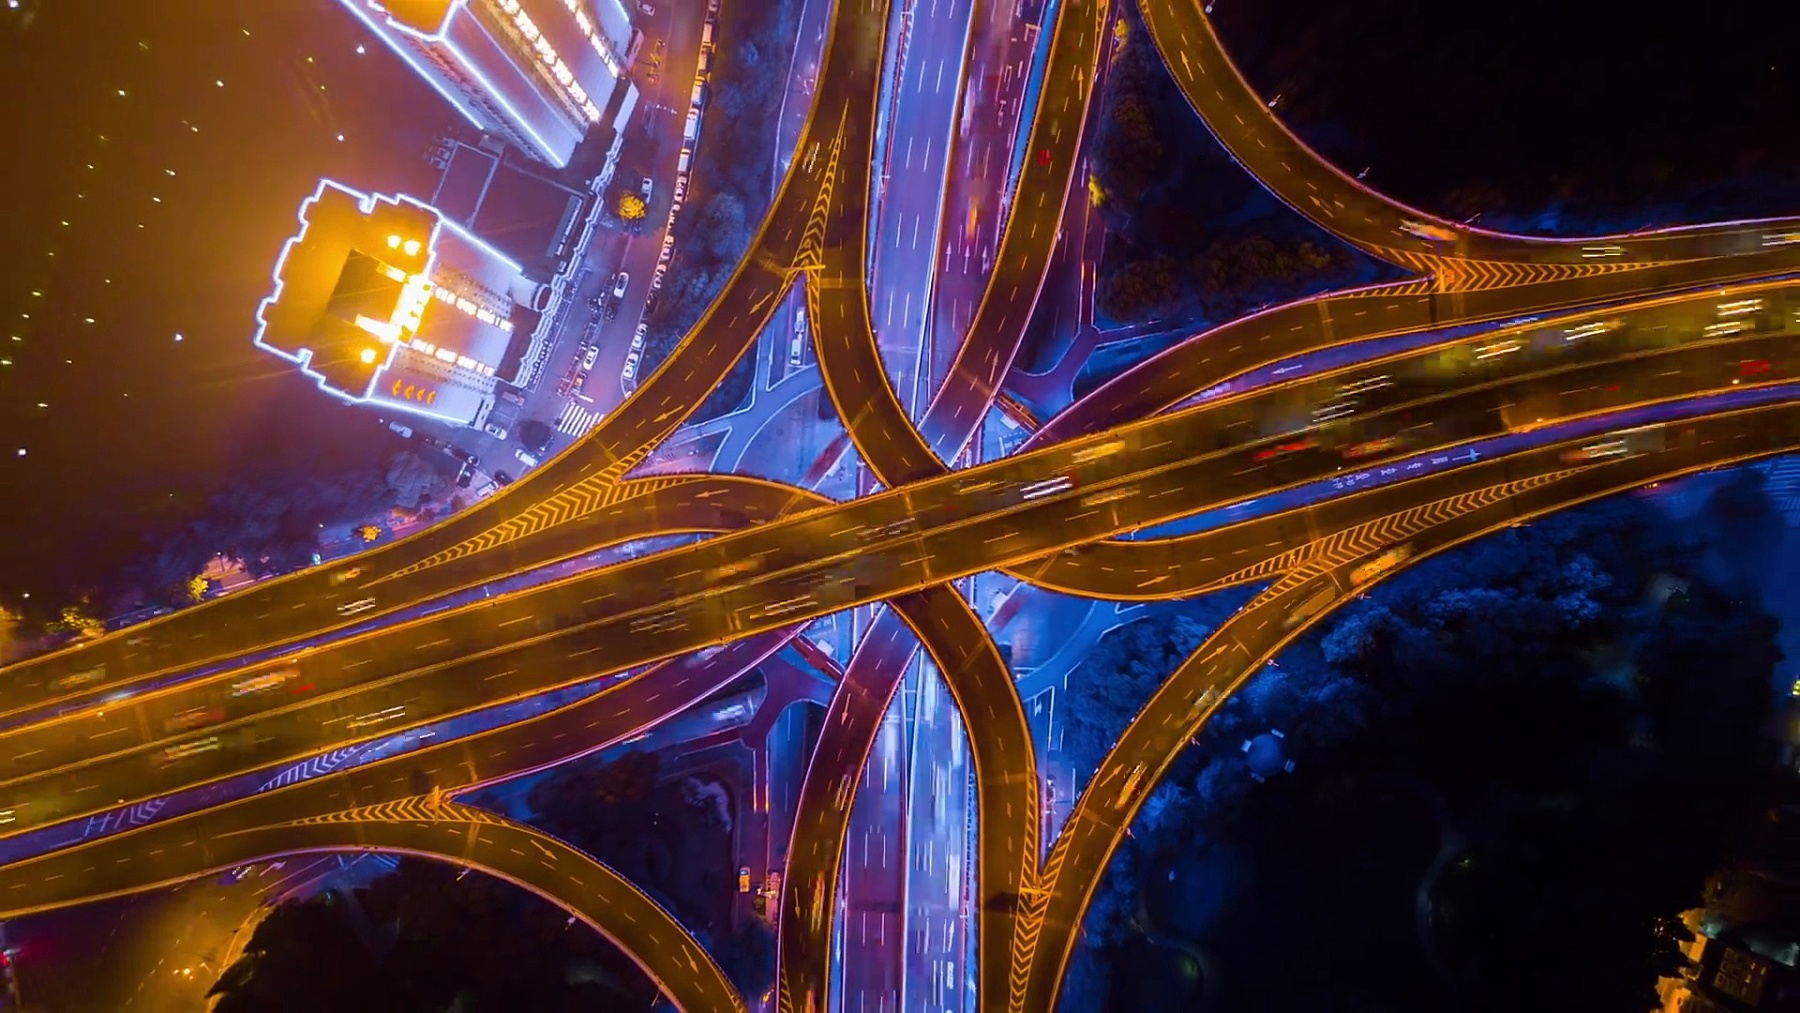 中国夜景照亮上海城市著名交通路口俯瞰空中全景 延时摄影